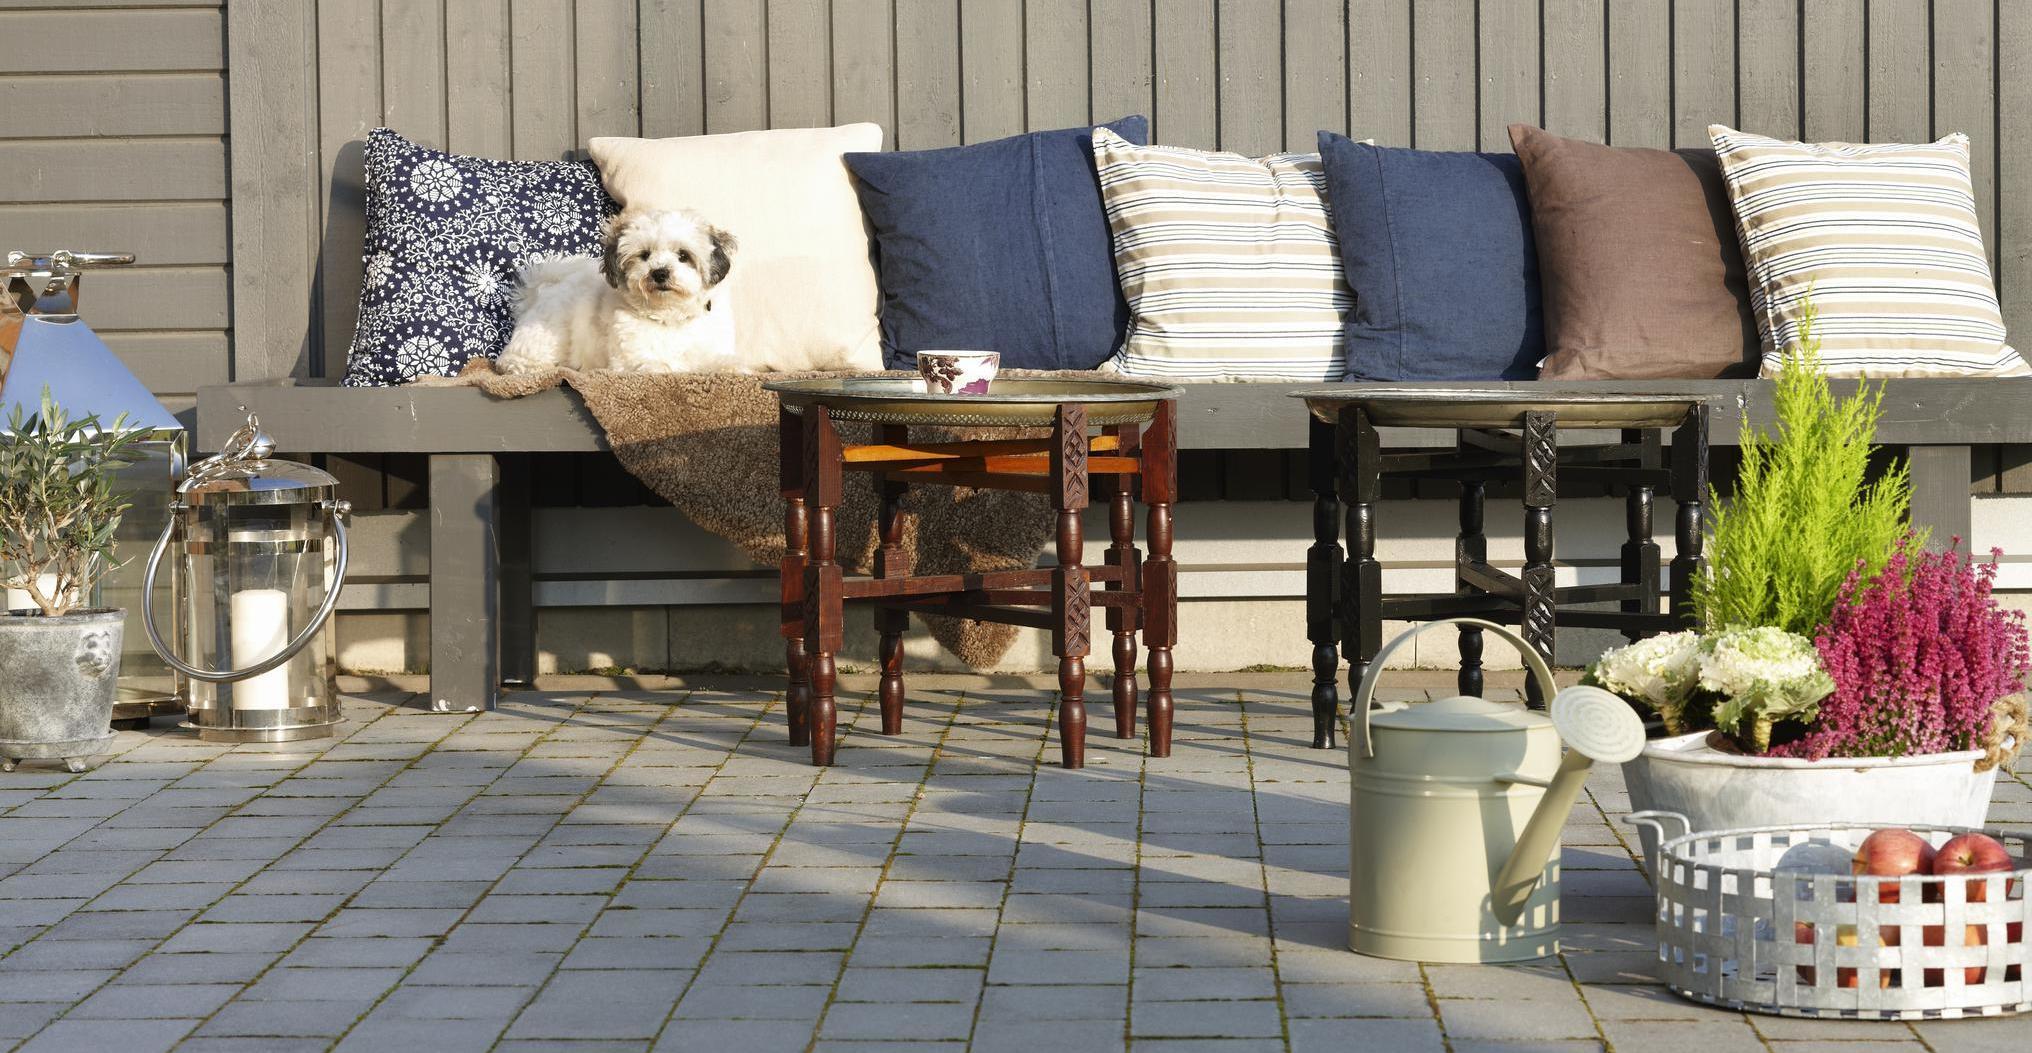 grå träfasad uteplats bänk kuddar hund